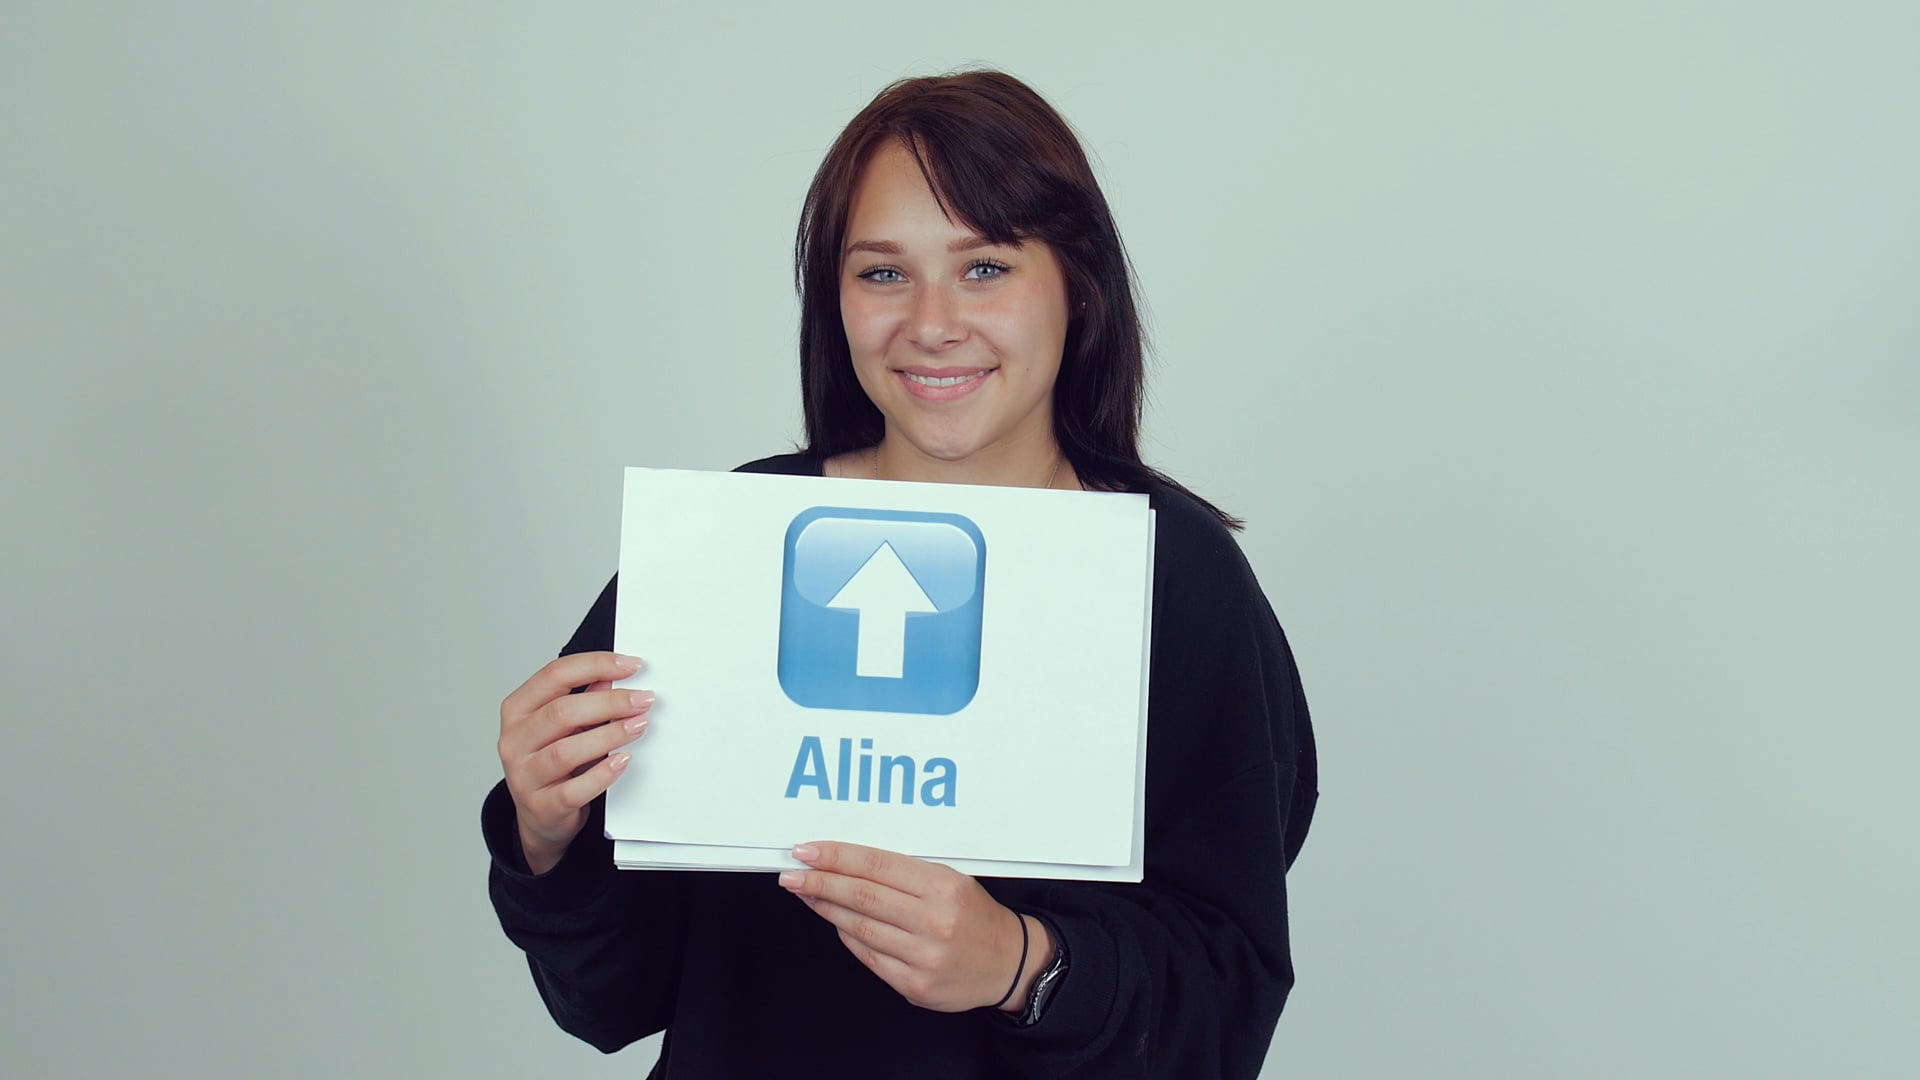 Machen Sie es wie Alina!